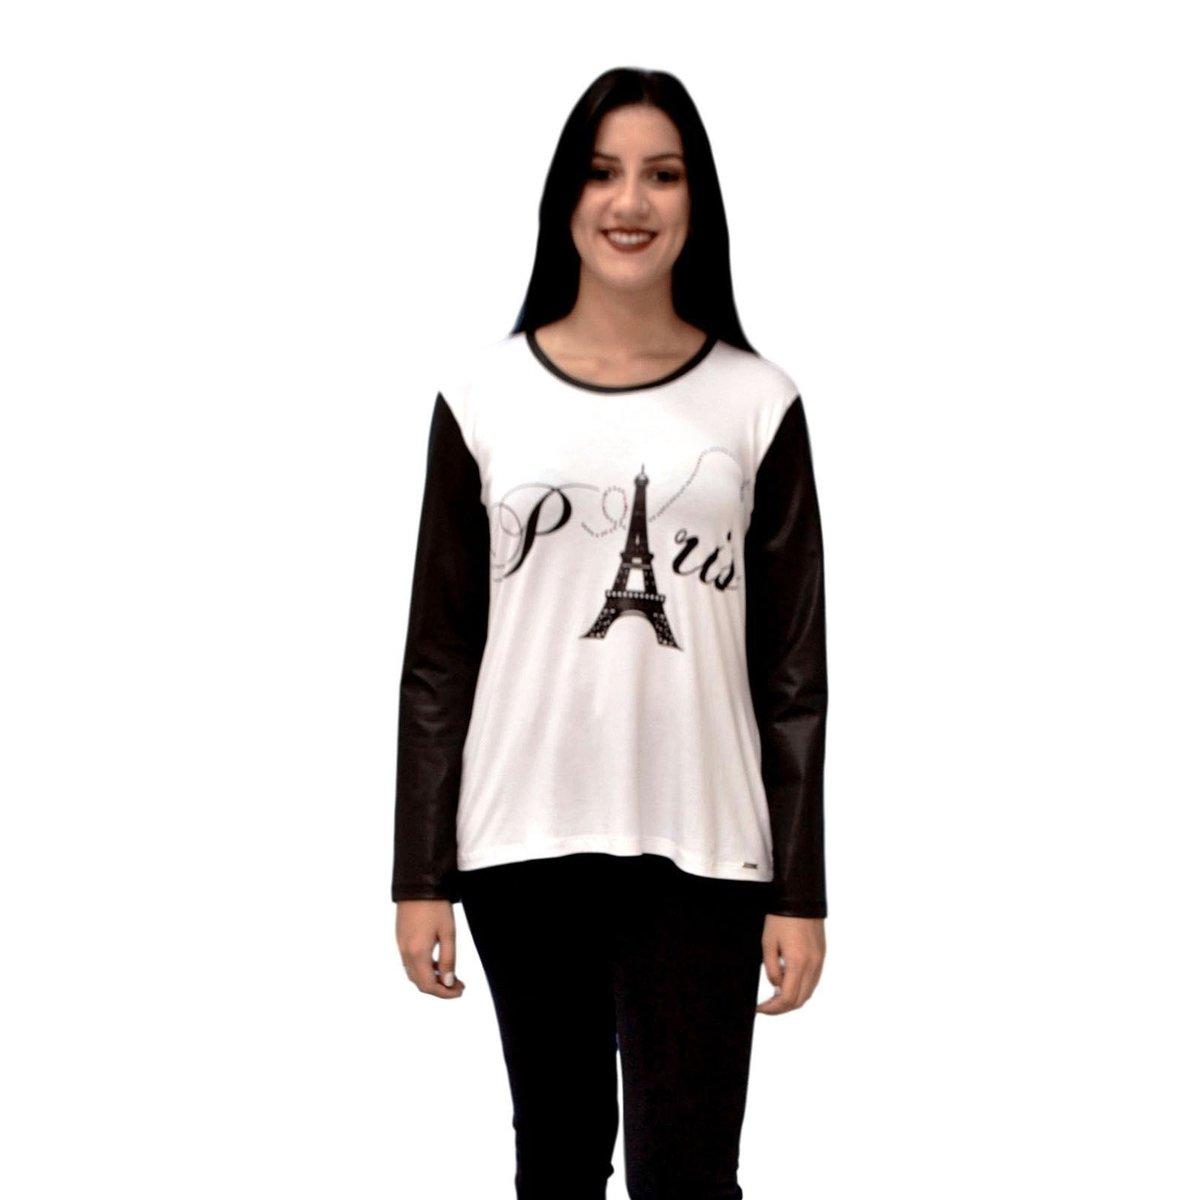 Camiseta Moche - Compre Agora  32c3d7638fa